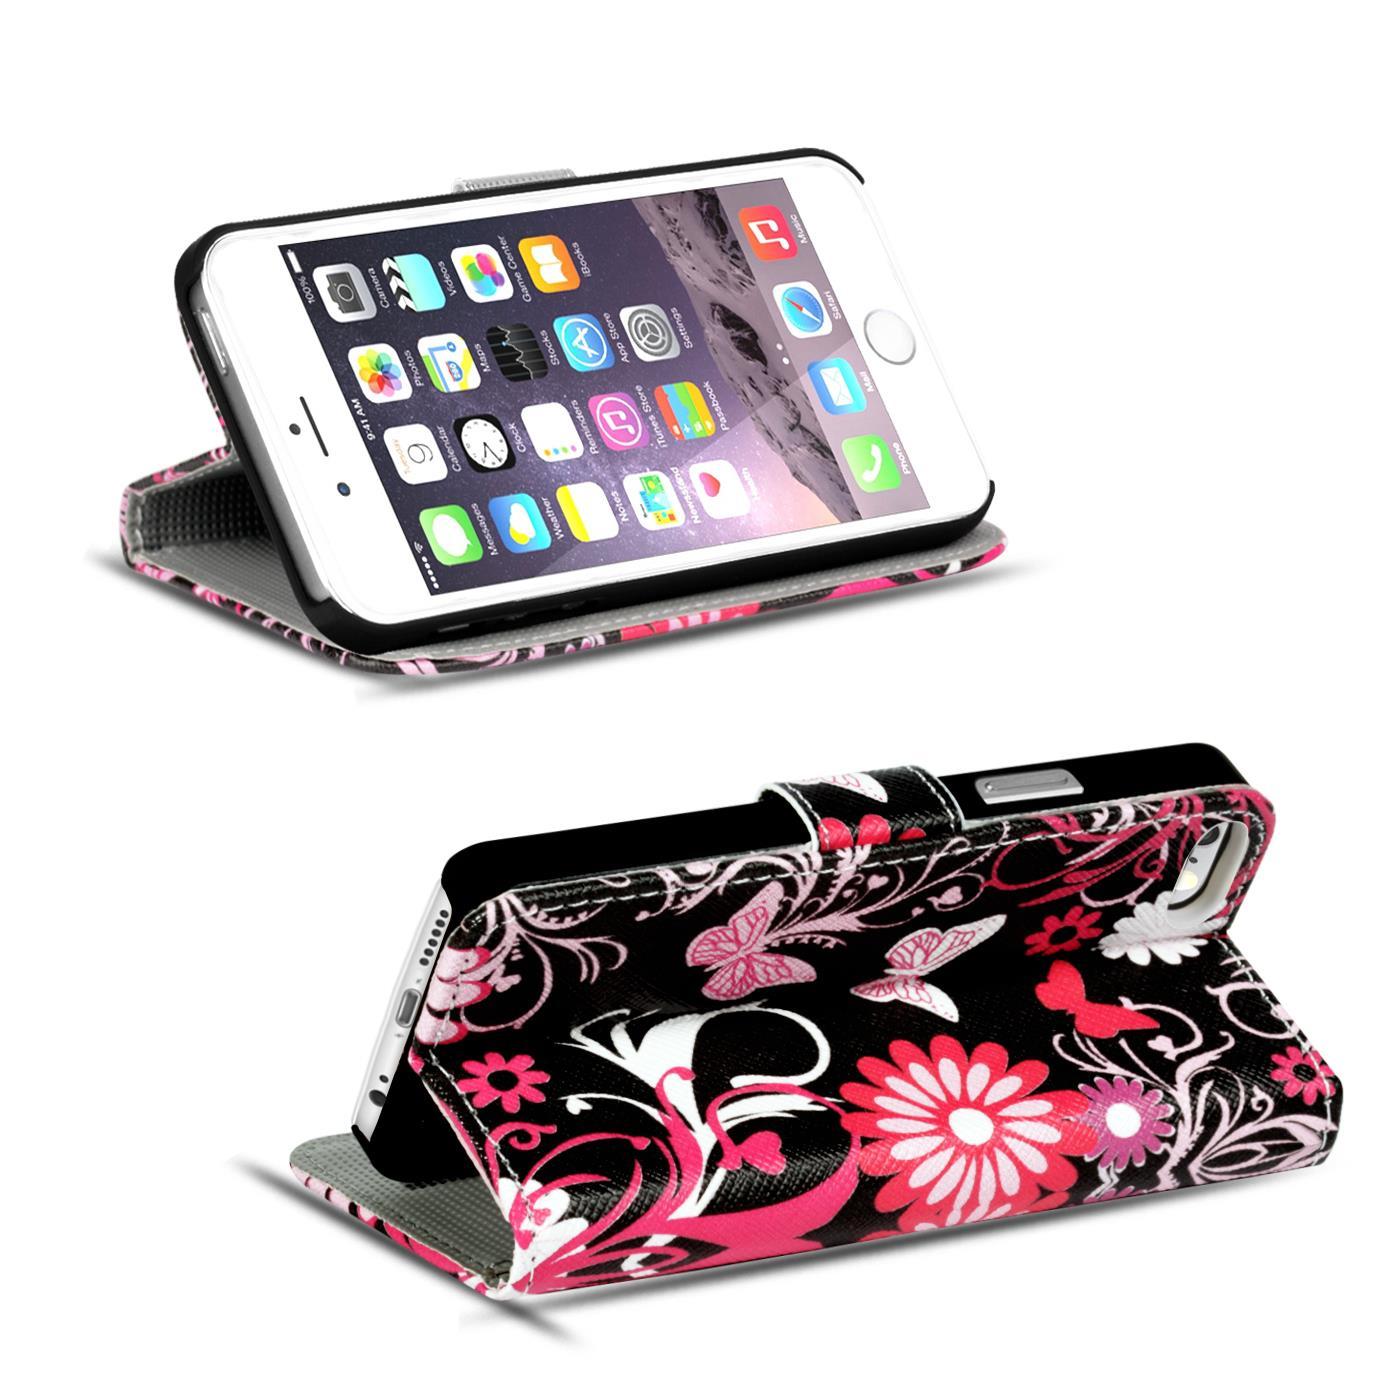 Handy-Huelle-Apple-iPhone-8-Plus-Flip-Cover-Case-Schutz-Tasche-Etui-Motiv-Wallet Indexbild 24